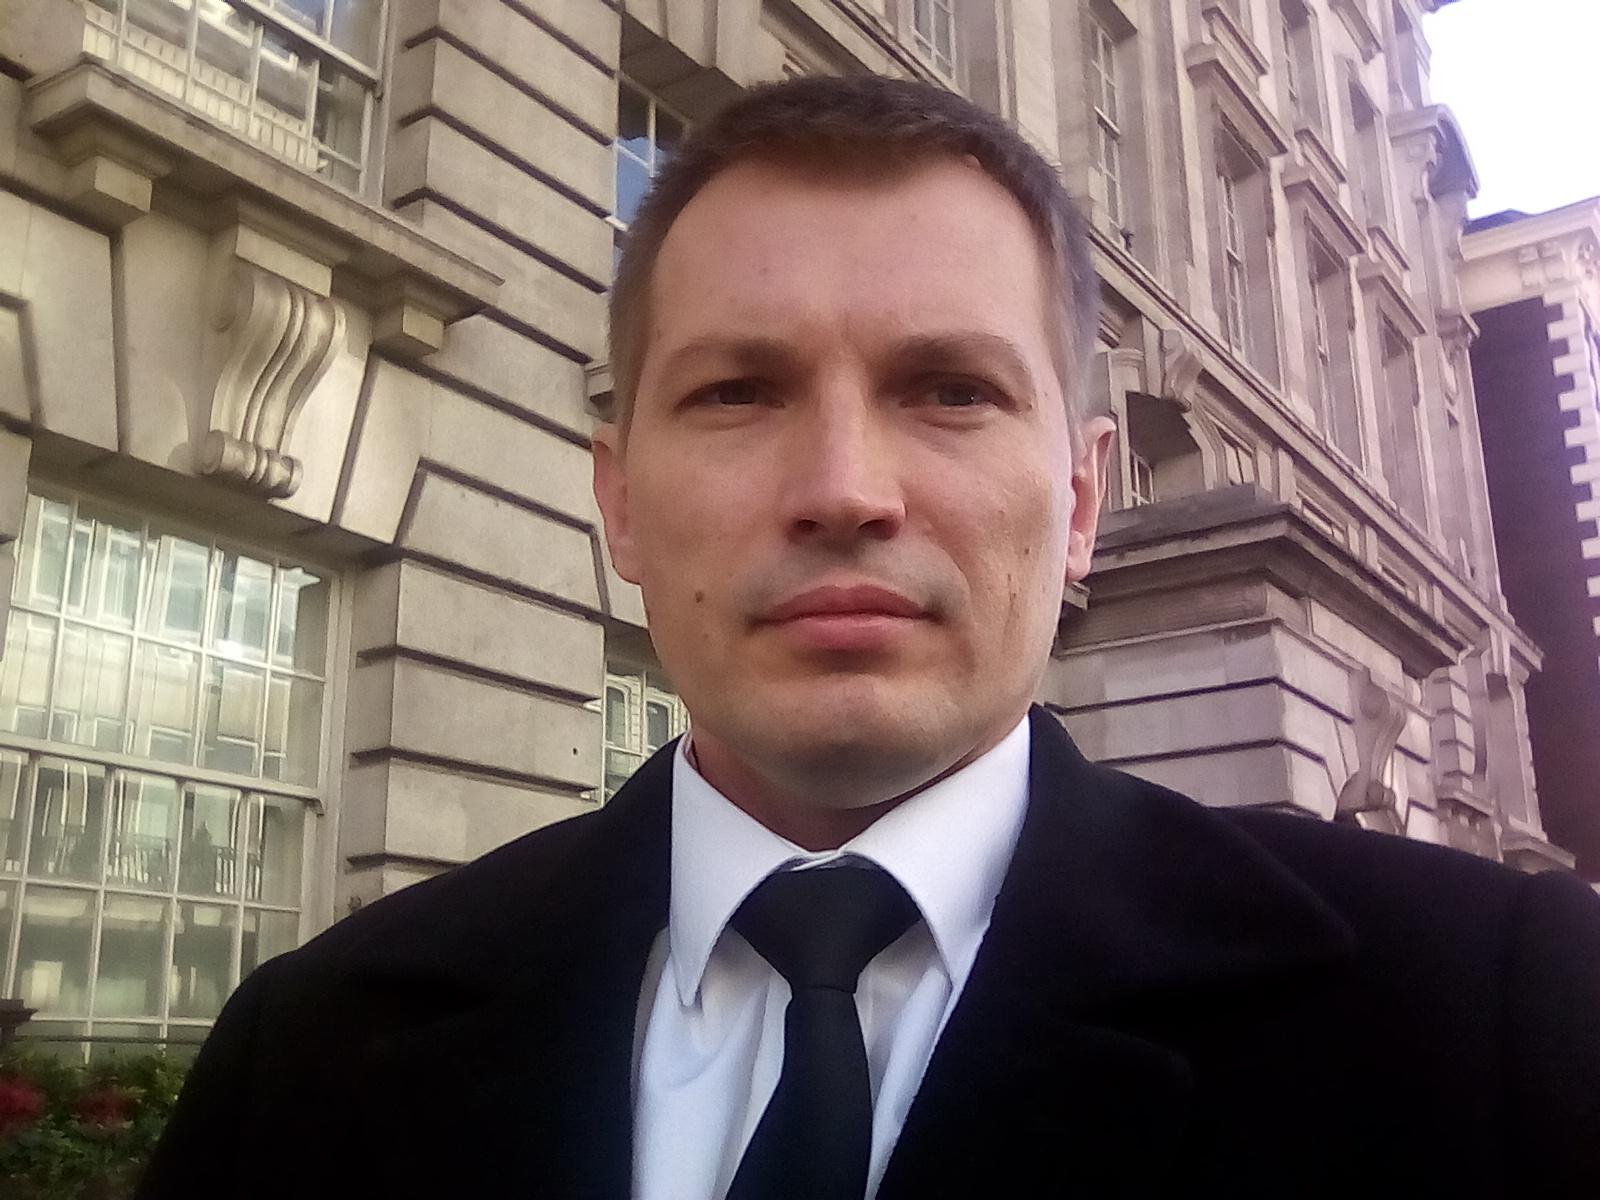 Daniel Paszkowski